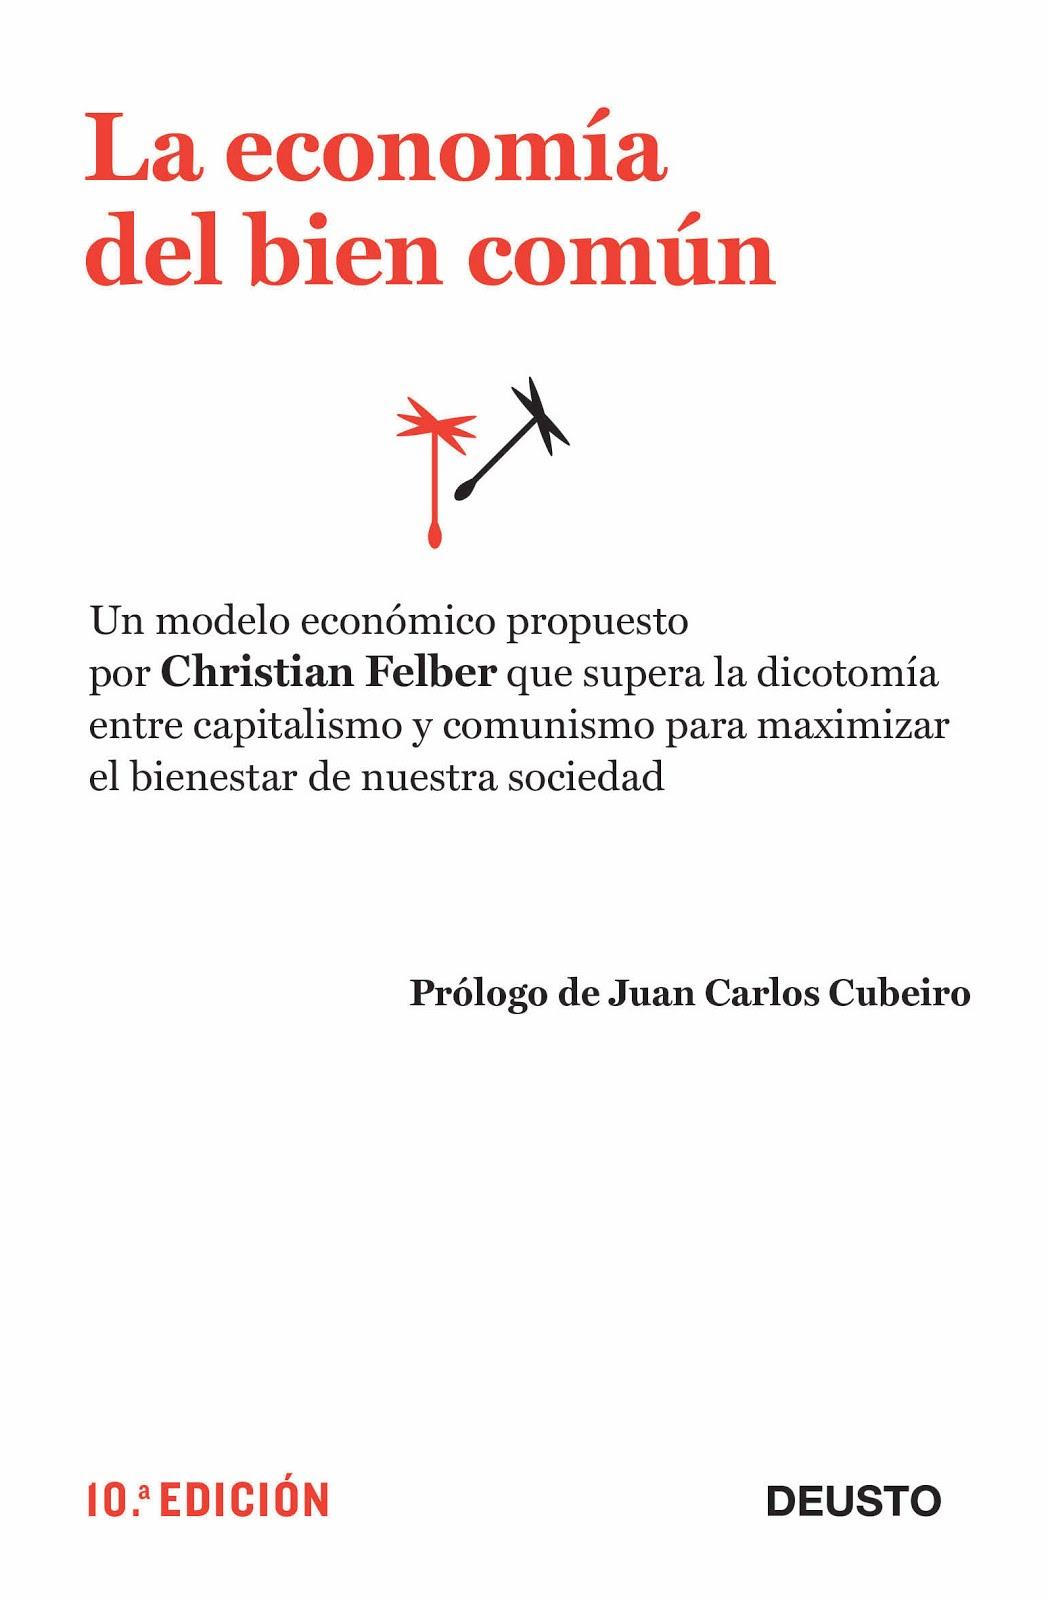 La Economía Del Bien Común. Christian Felber. 2012.